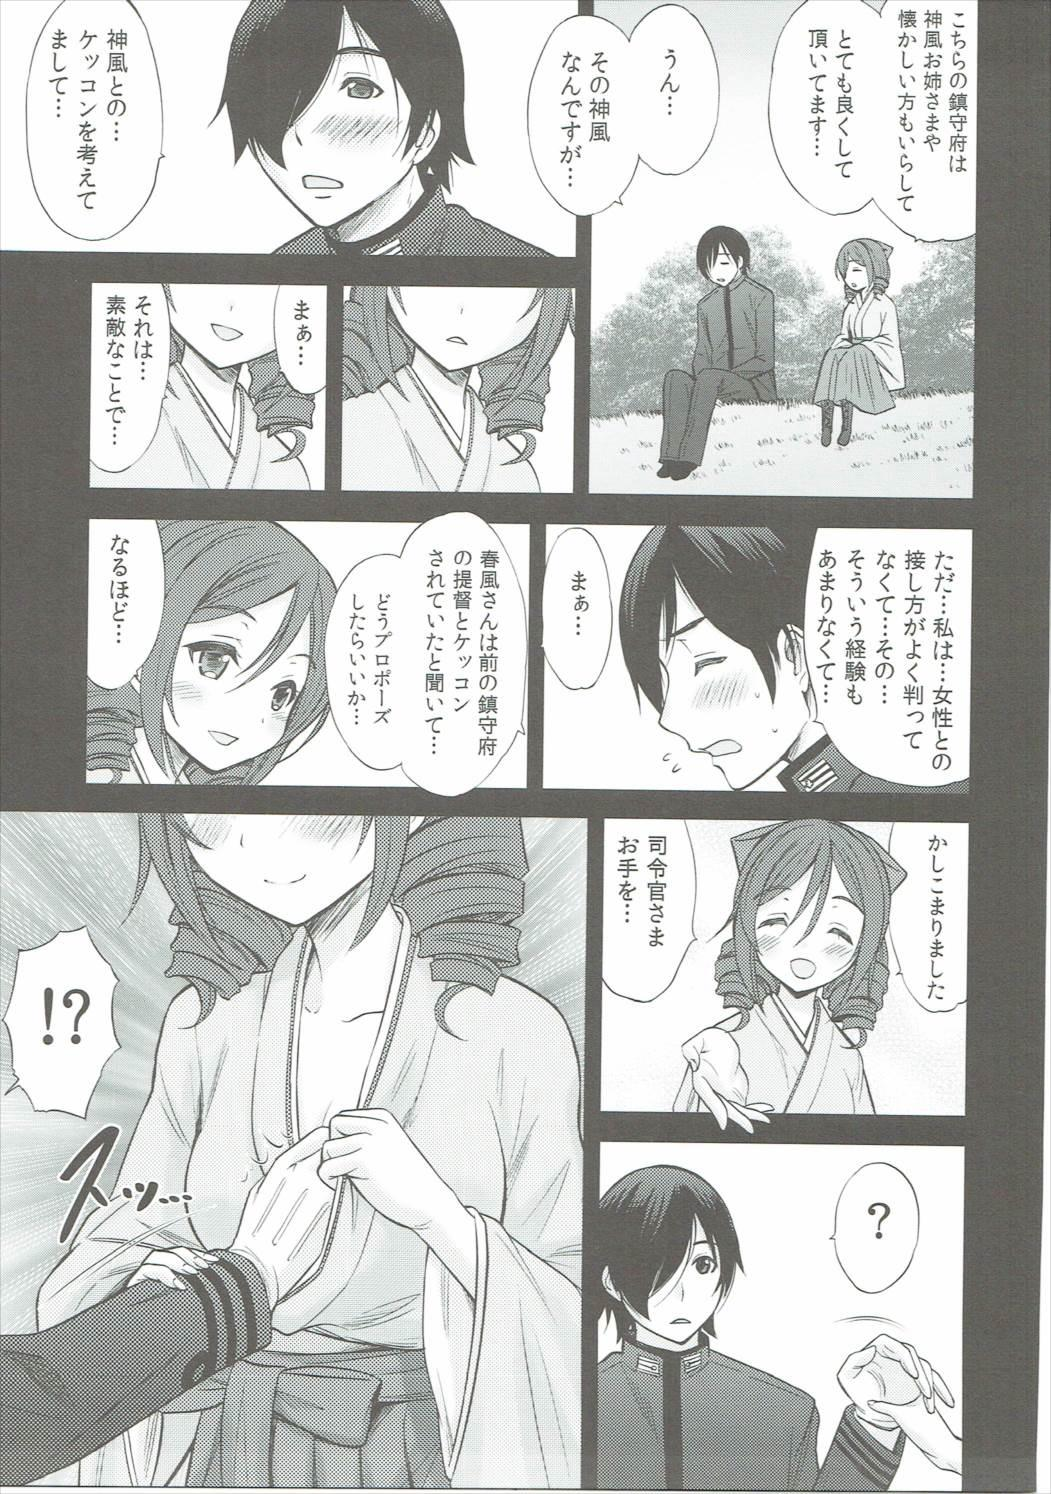 Kamikaze-gata Koufukuron 9